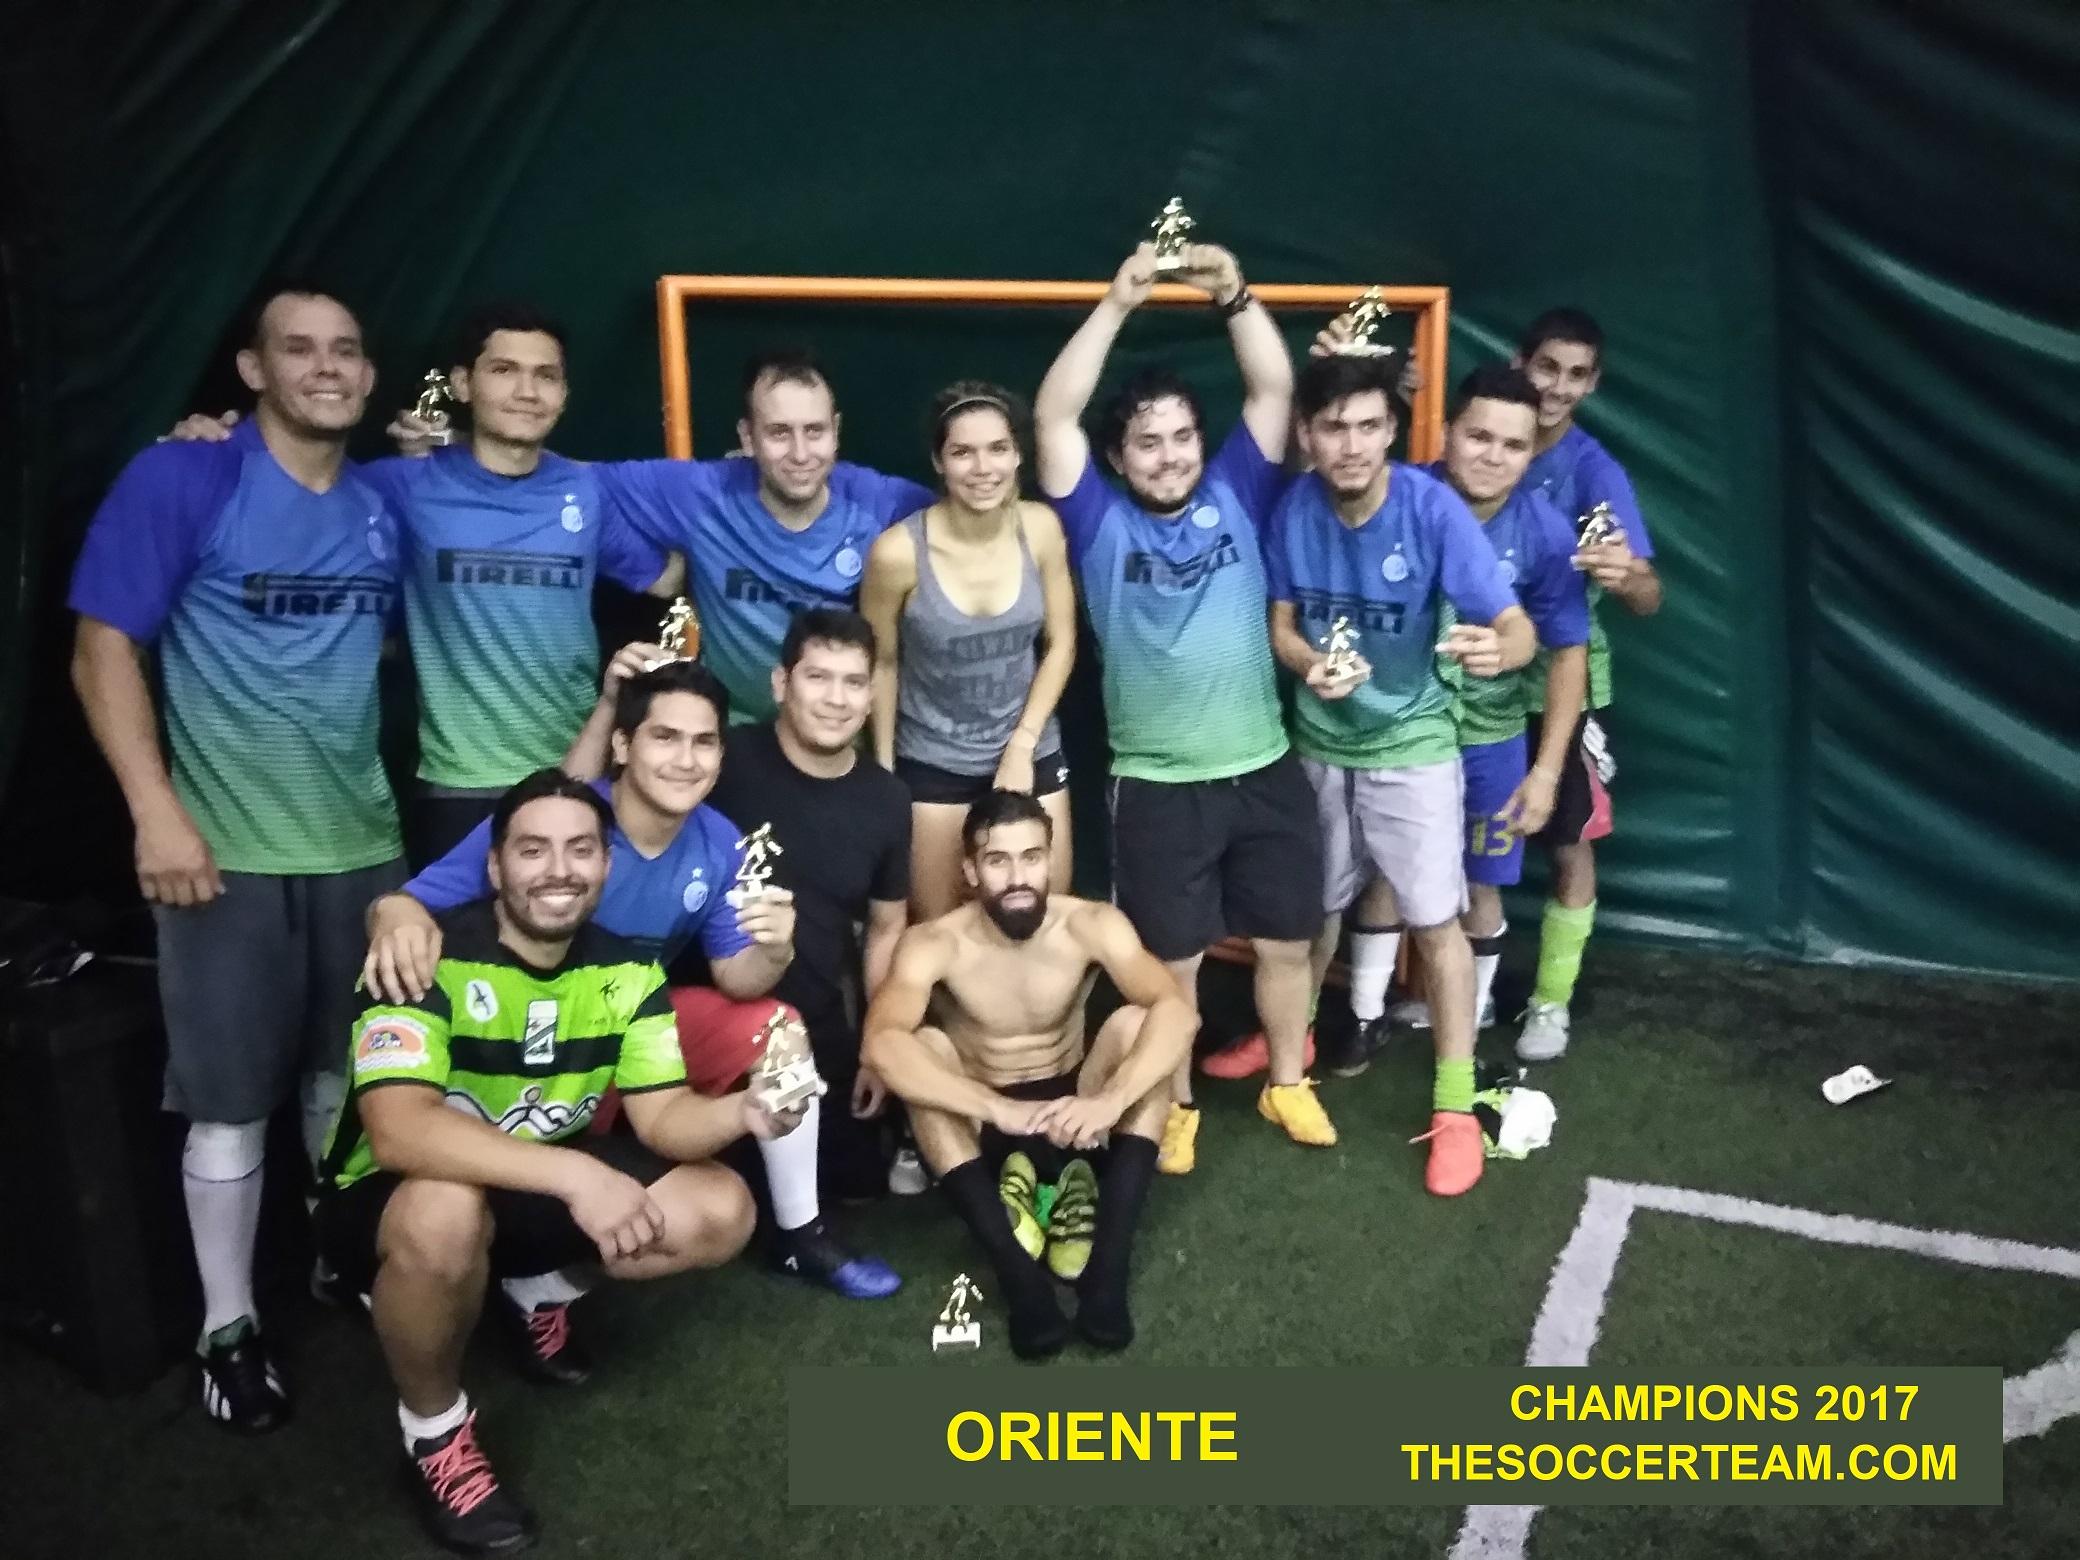 Oriente champions